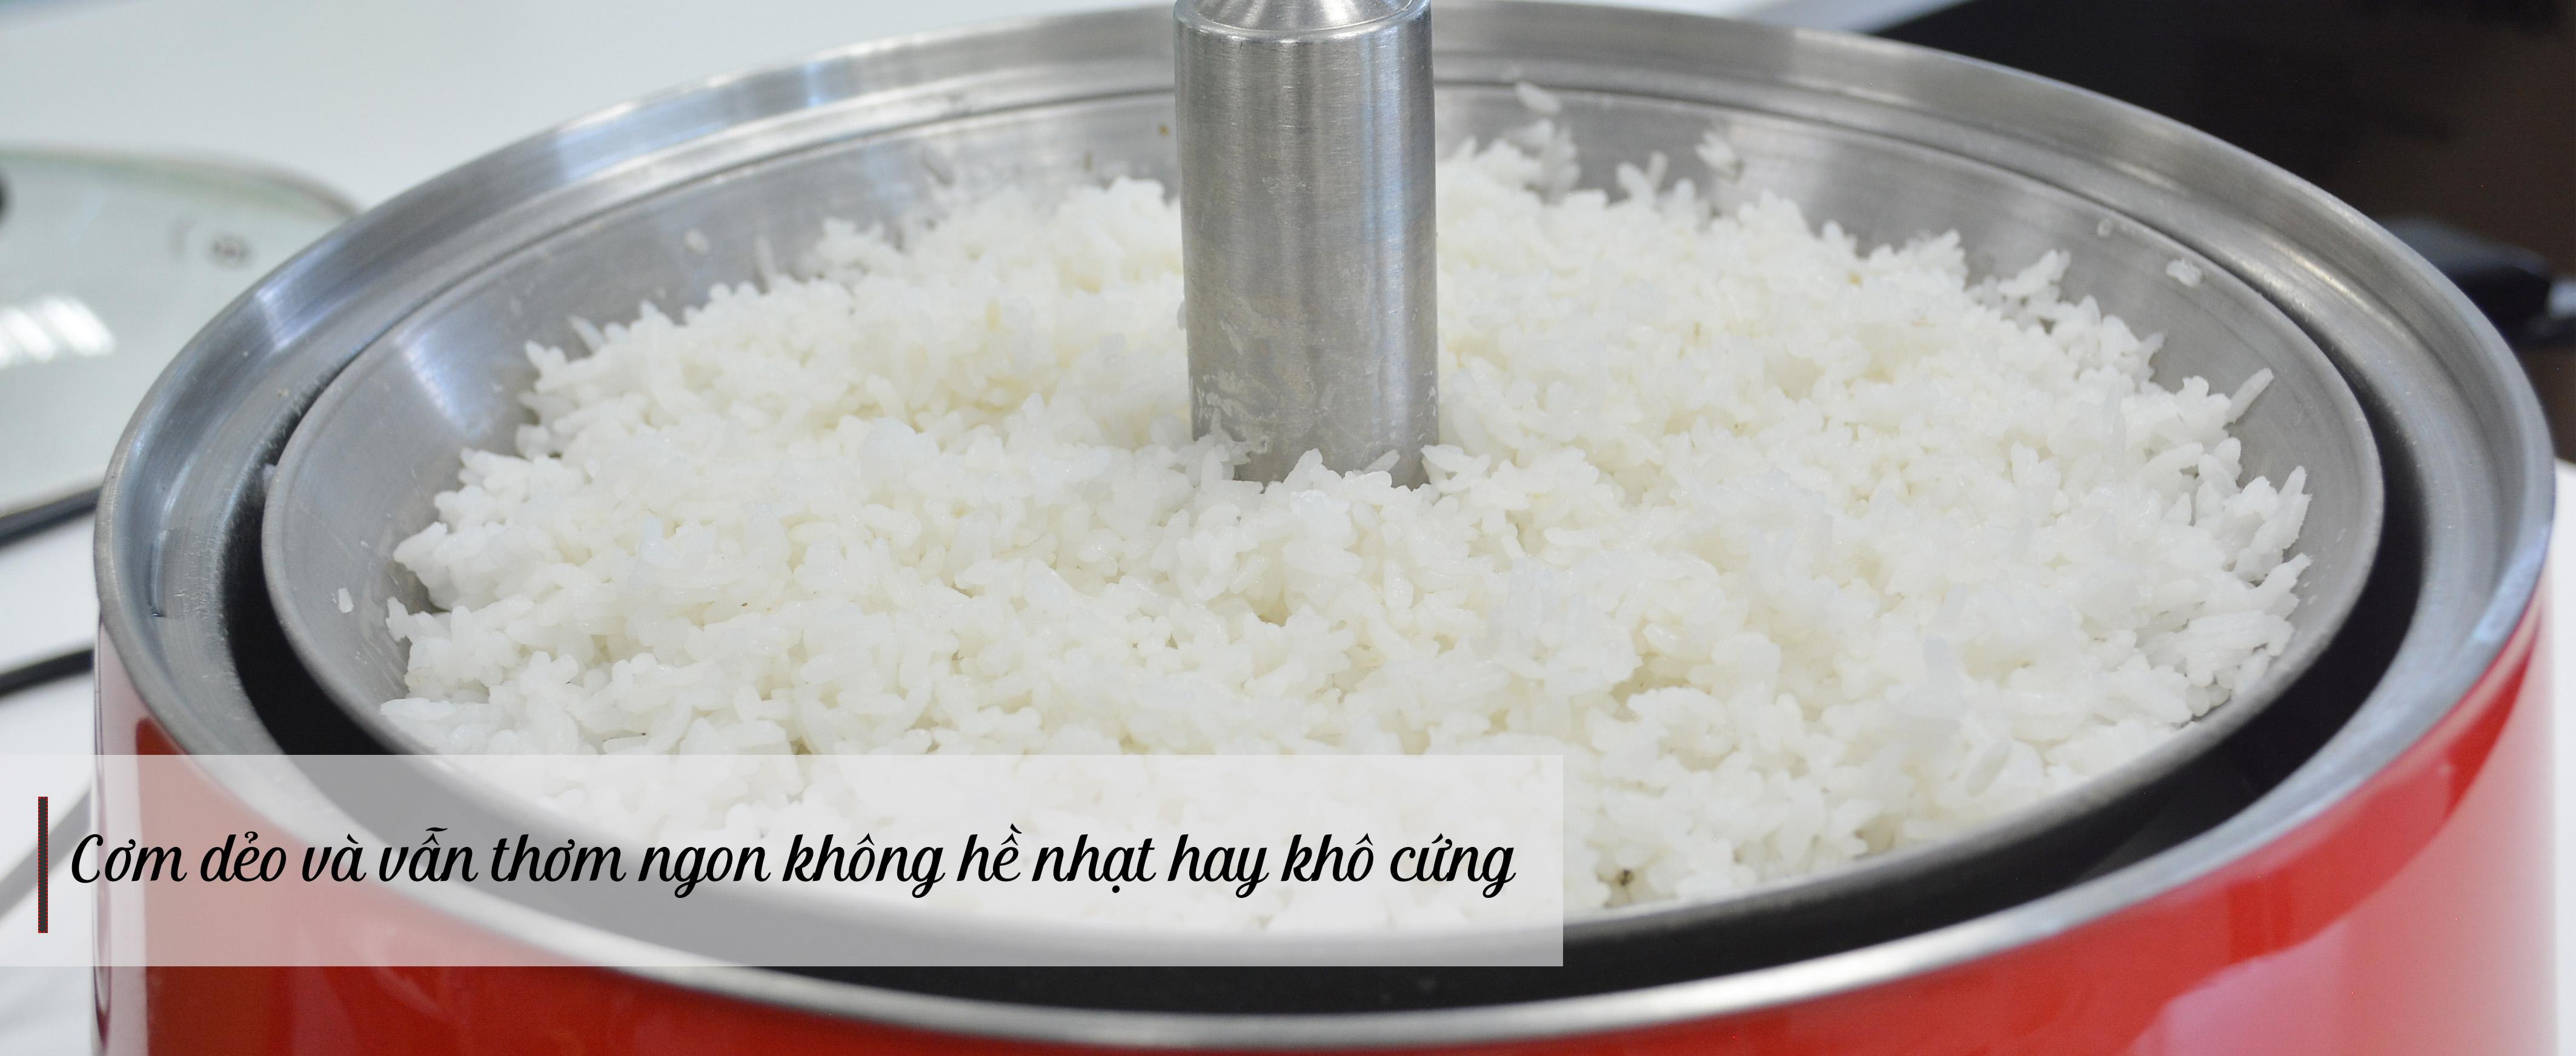 Cơm khi nấu bằng chức năng cơm tách đường